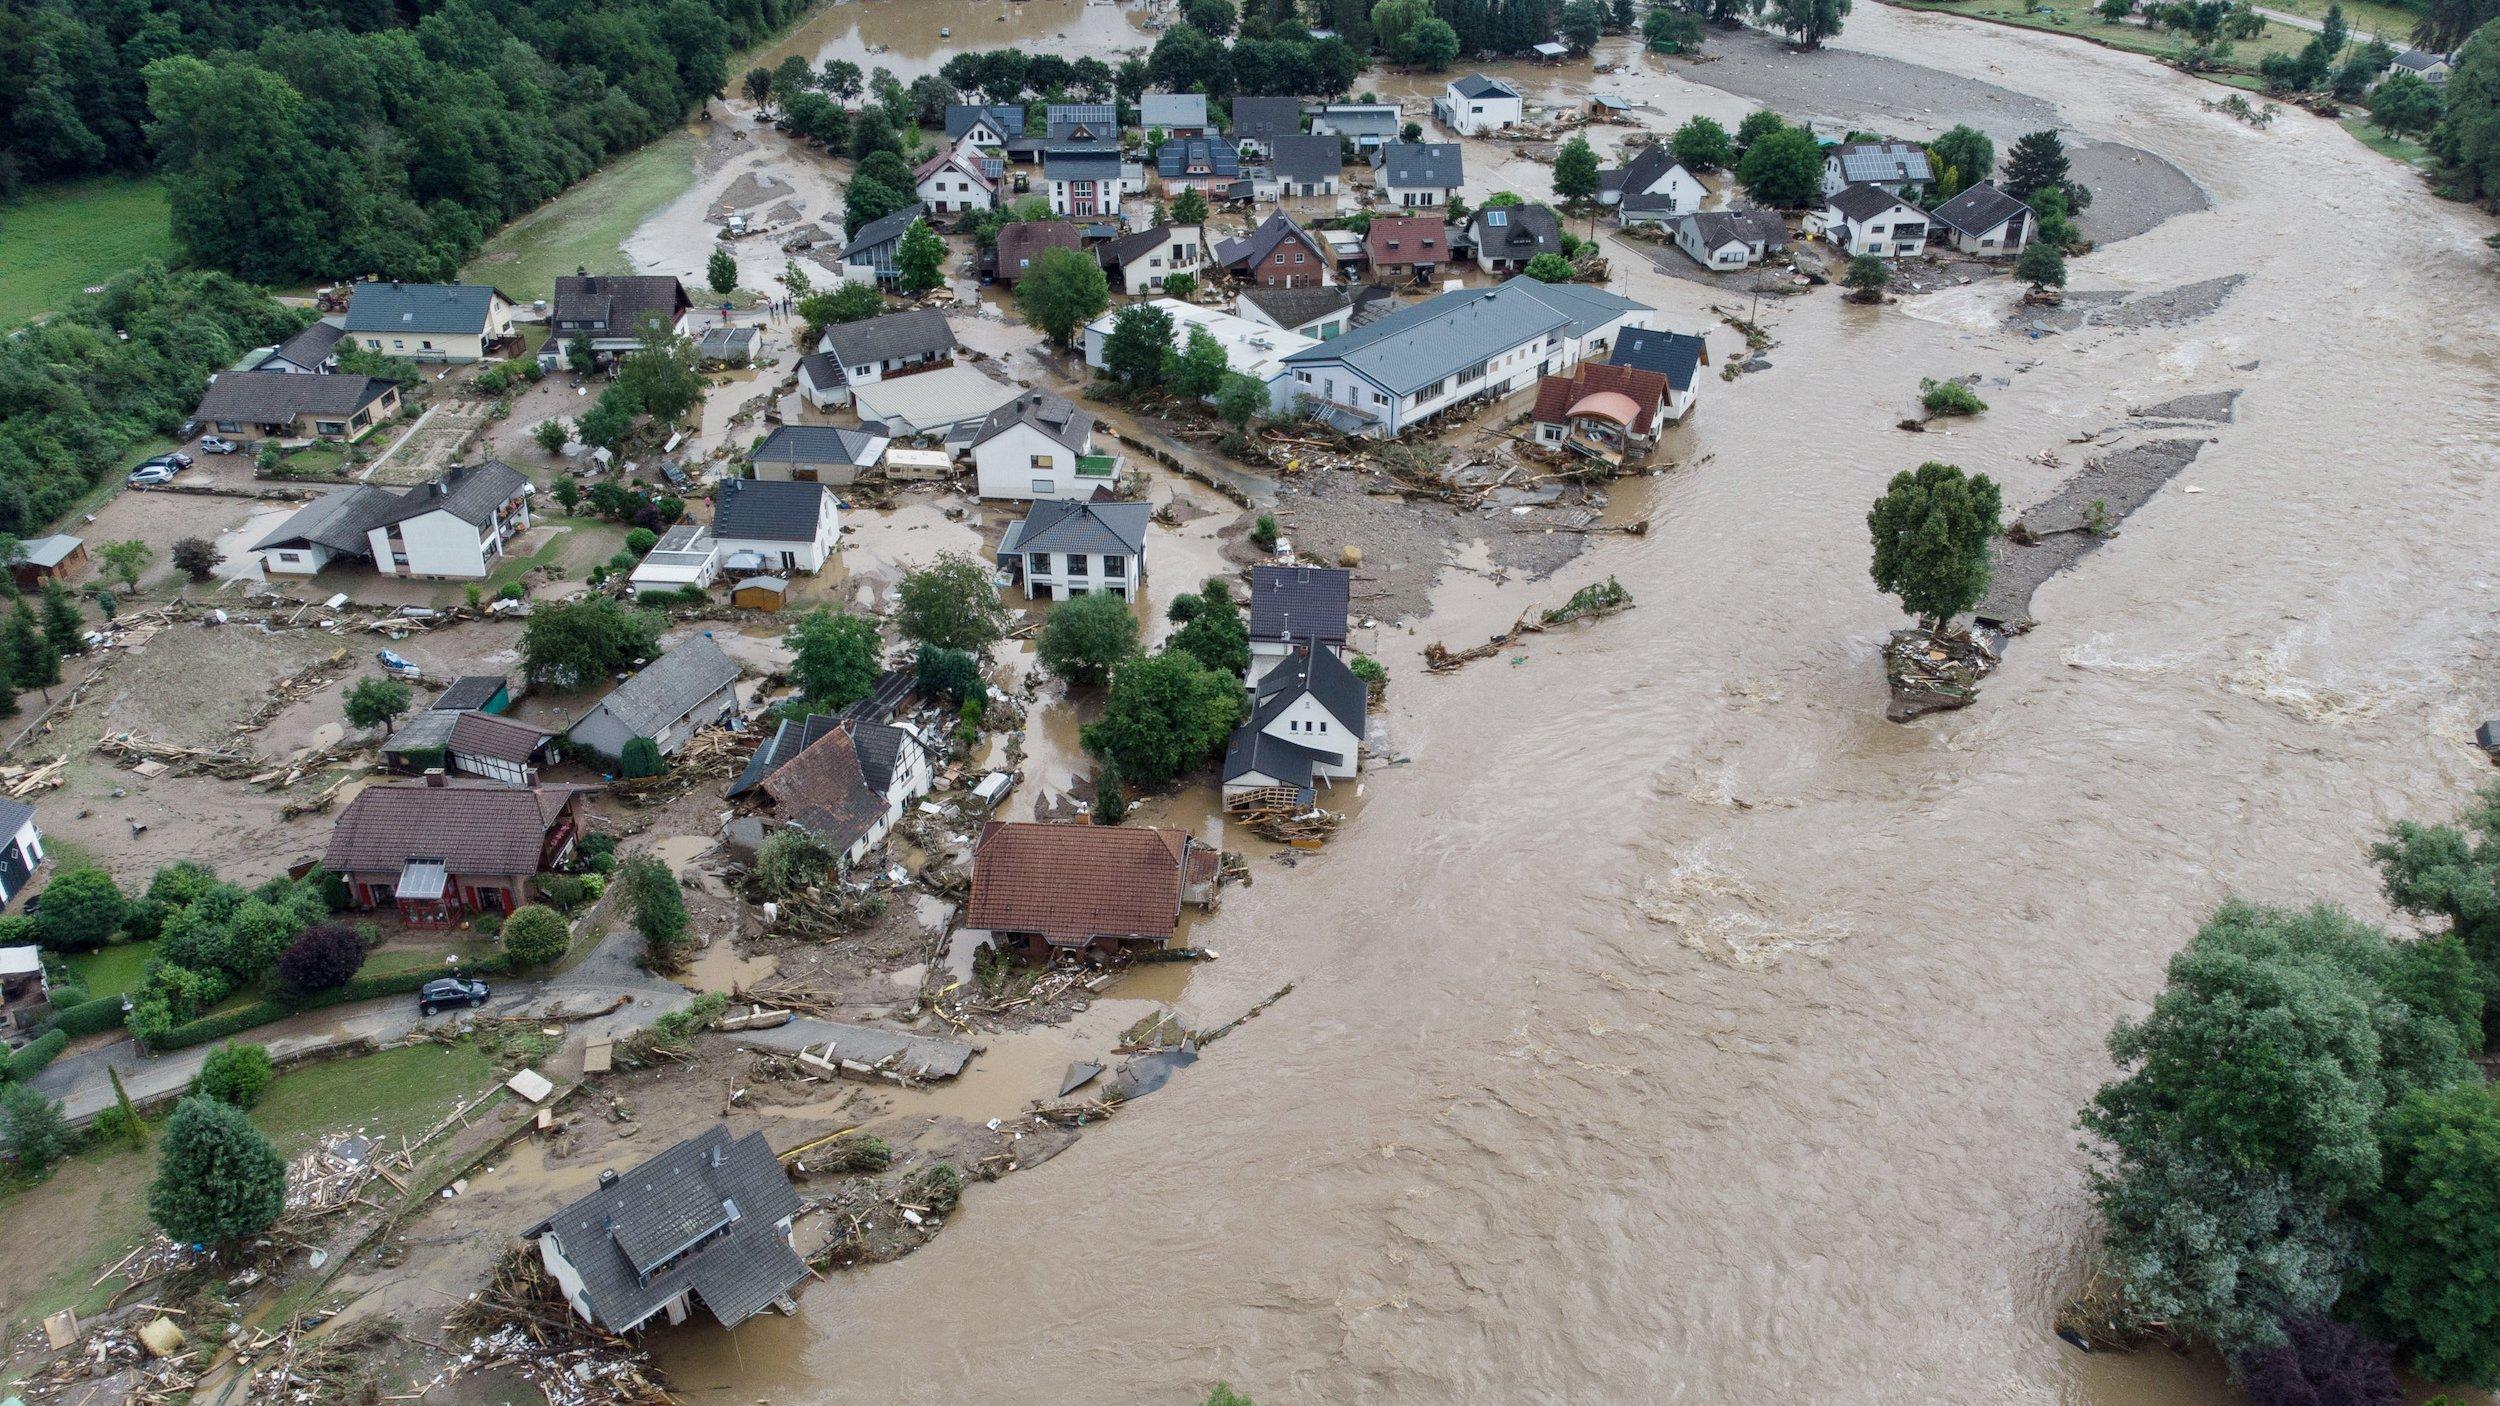 Das Dorf liegt im Flusstal und ist komplett überschwemmt.